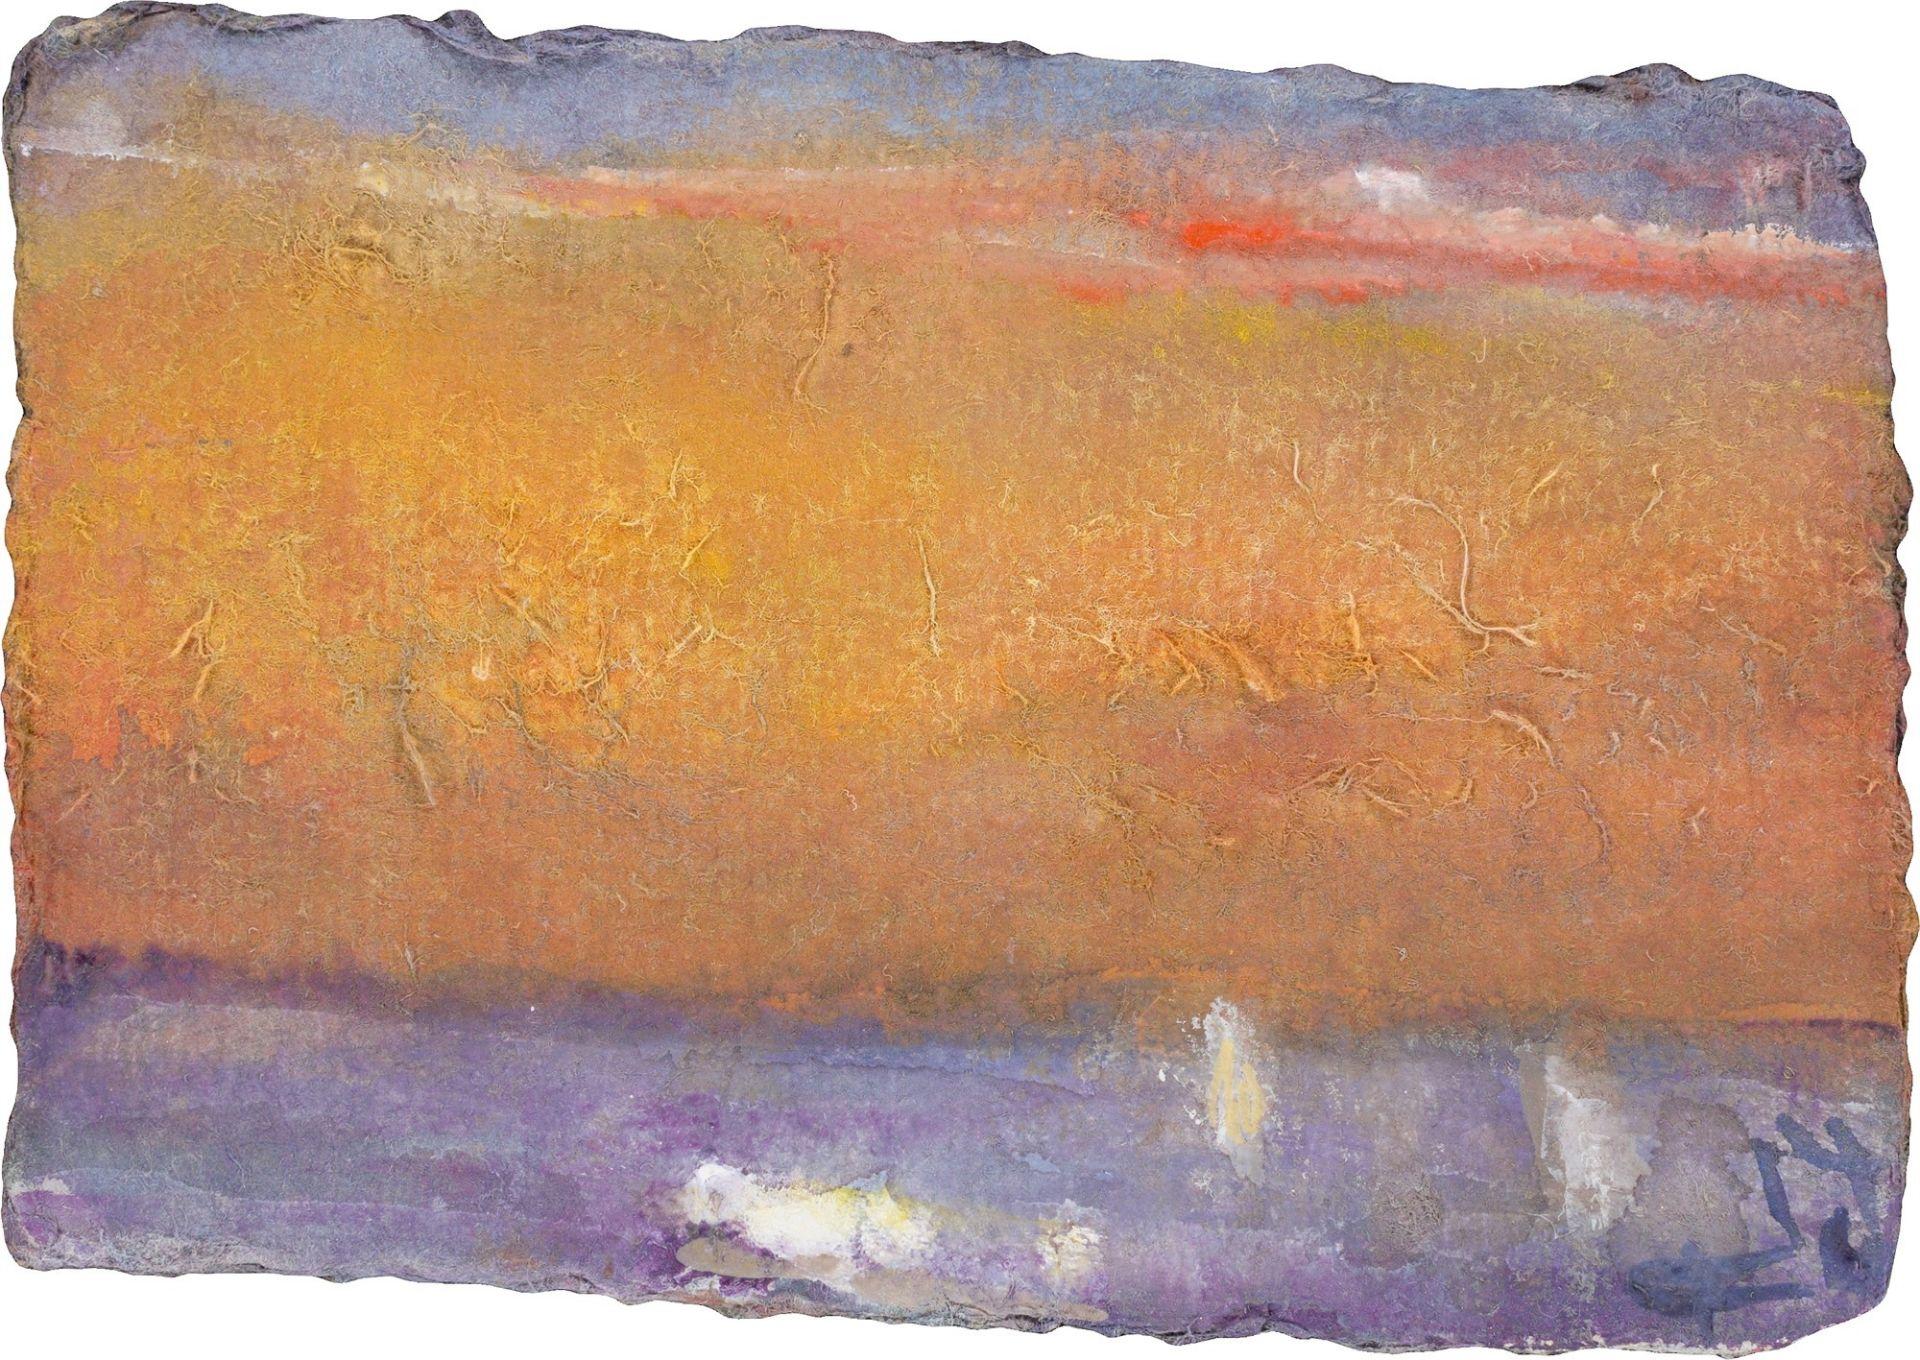 Klaus Fußmann. Seascape / La Cadieve. 2014 - Image 3 of 4